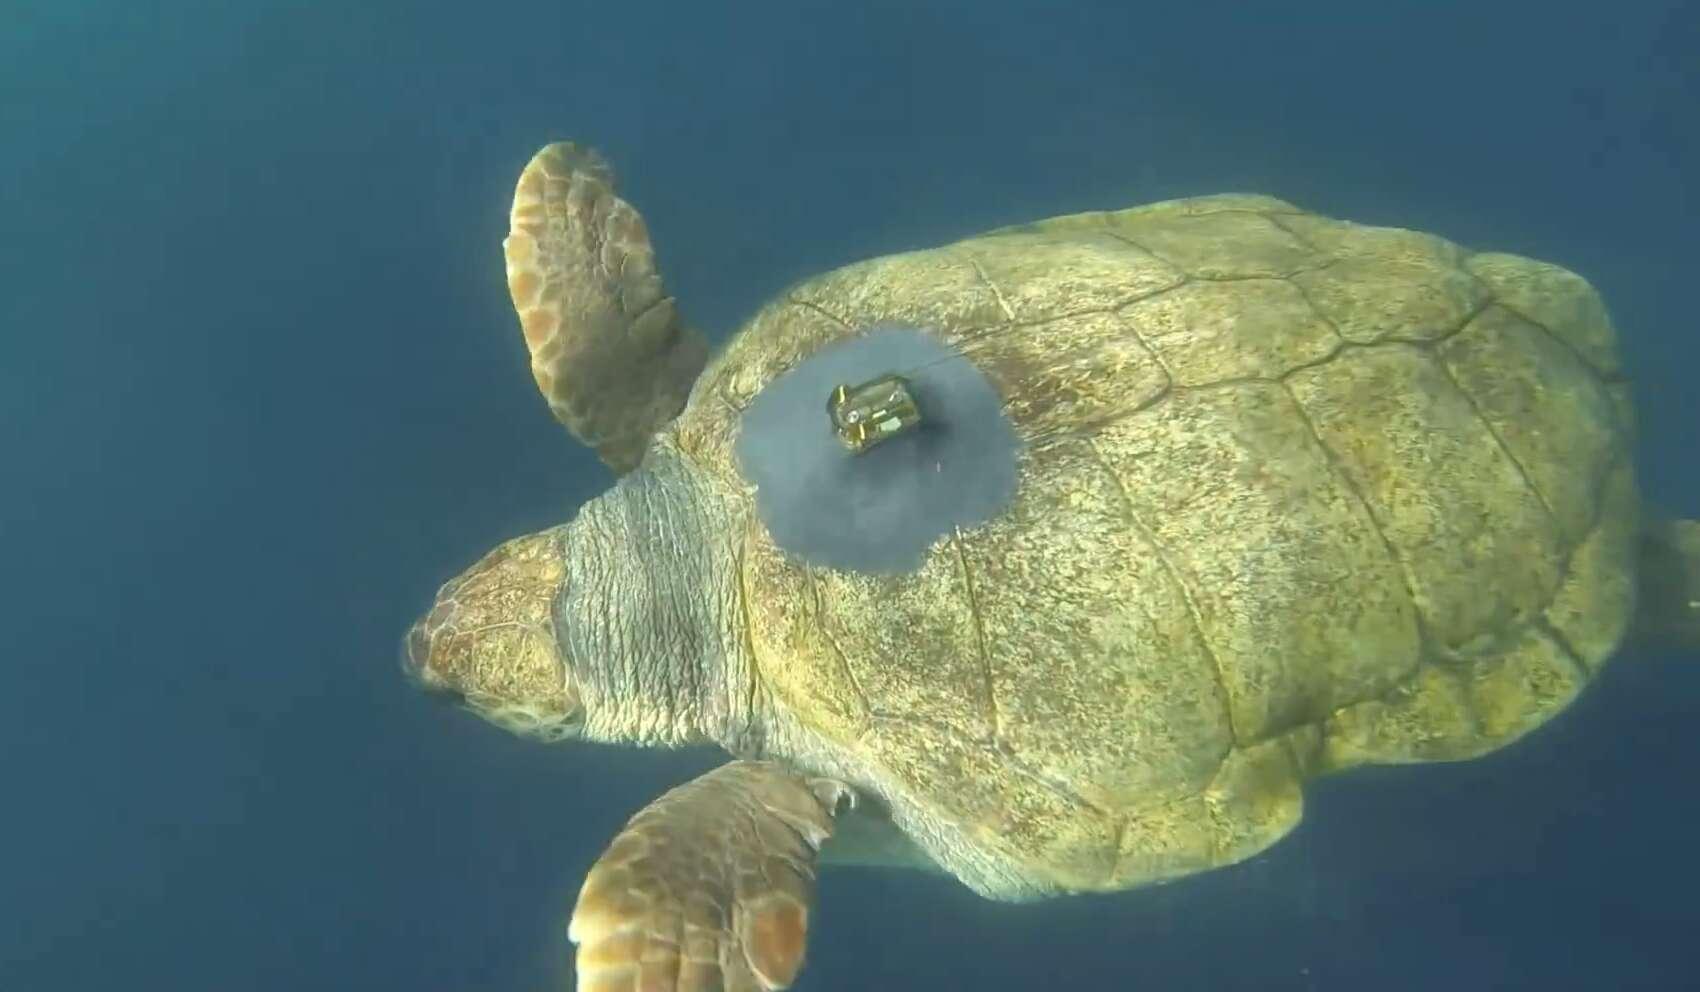 Yoshi, une tortue caouanne de 180 kg, a parcouru 37.000 kilomètres en deux ans depuis qu'elle a été relâchée de son aquarium en Afrique du Sud. © Two Oceans Aquarium, YouTube